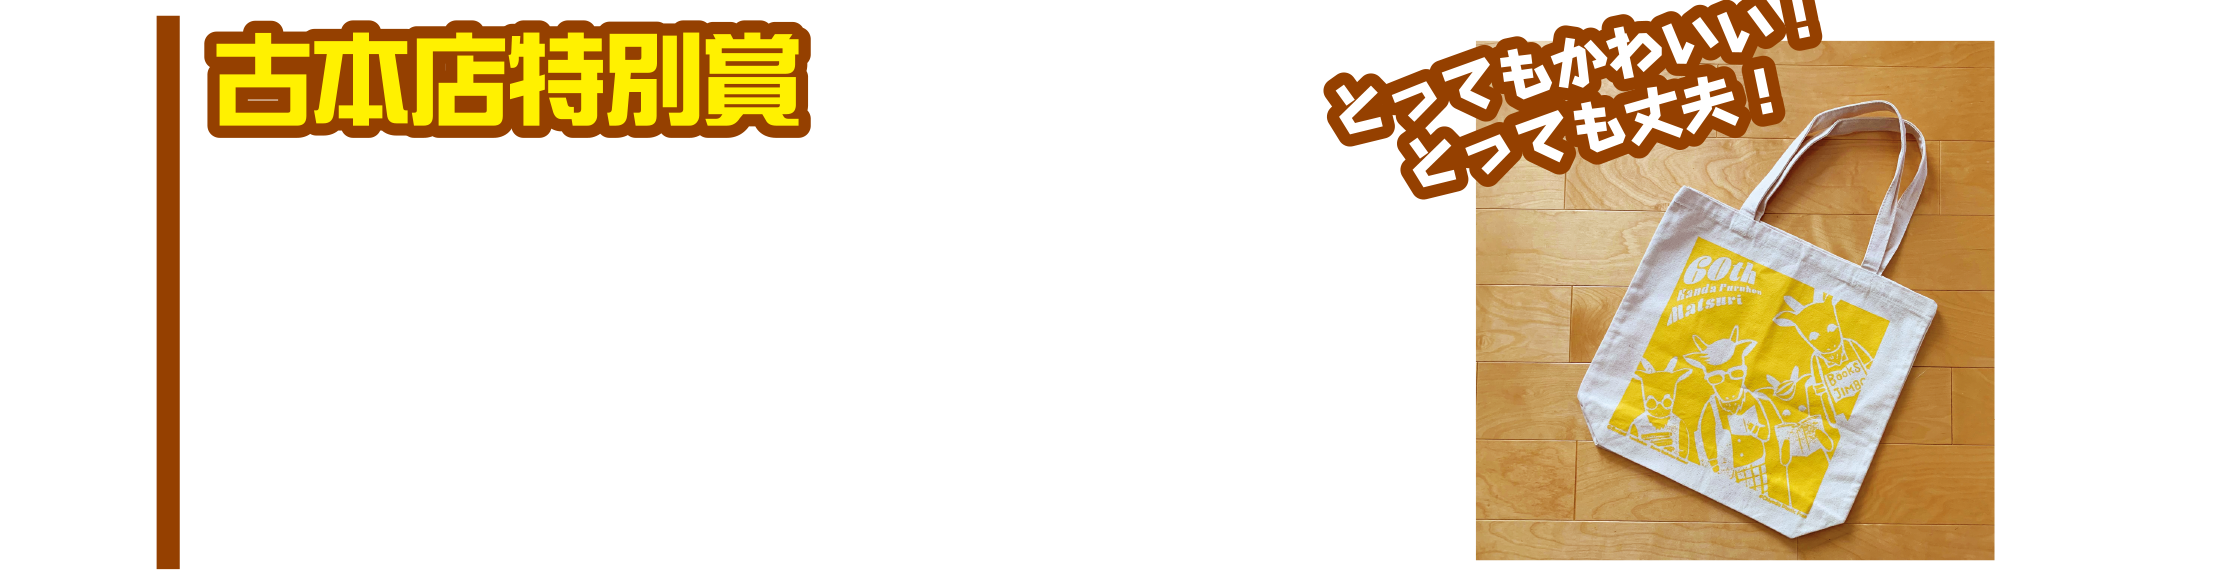 古本屋特別賞